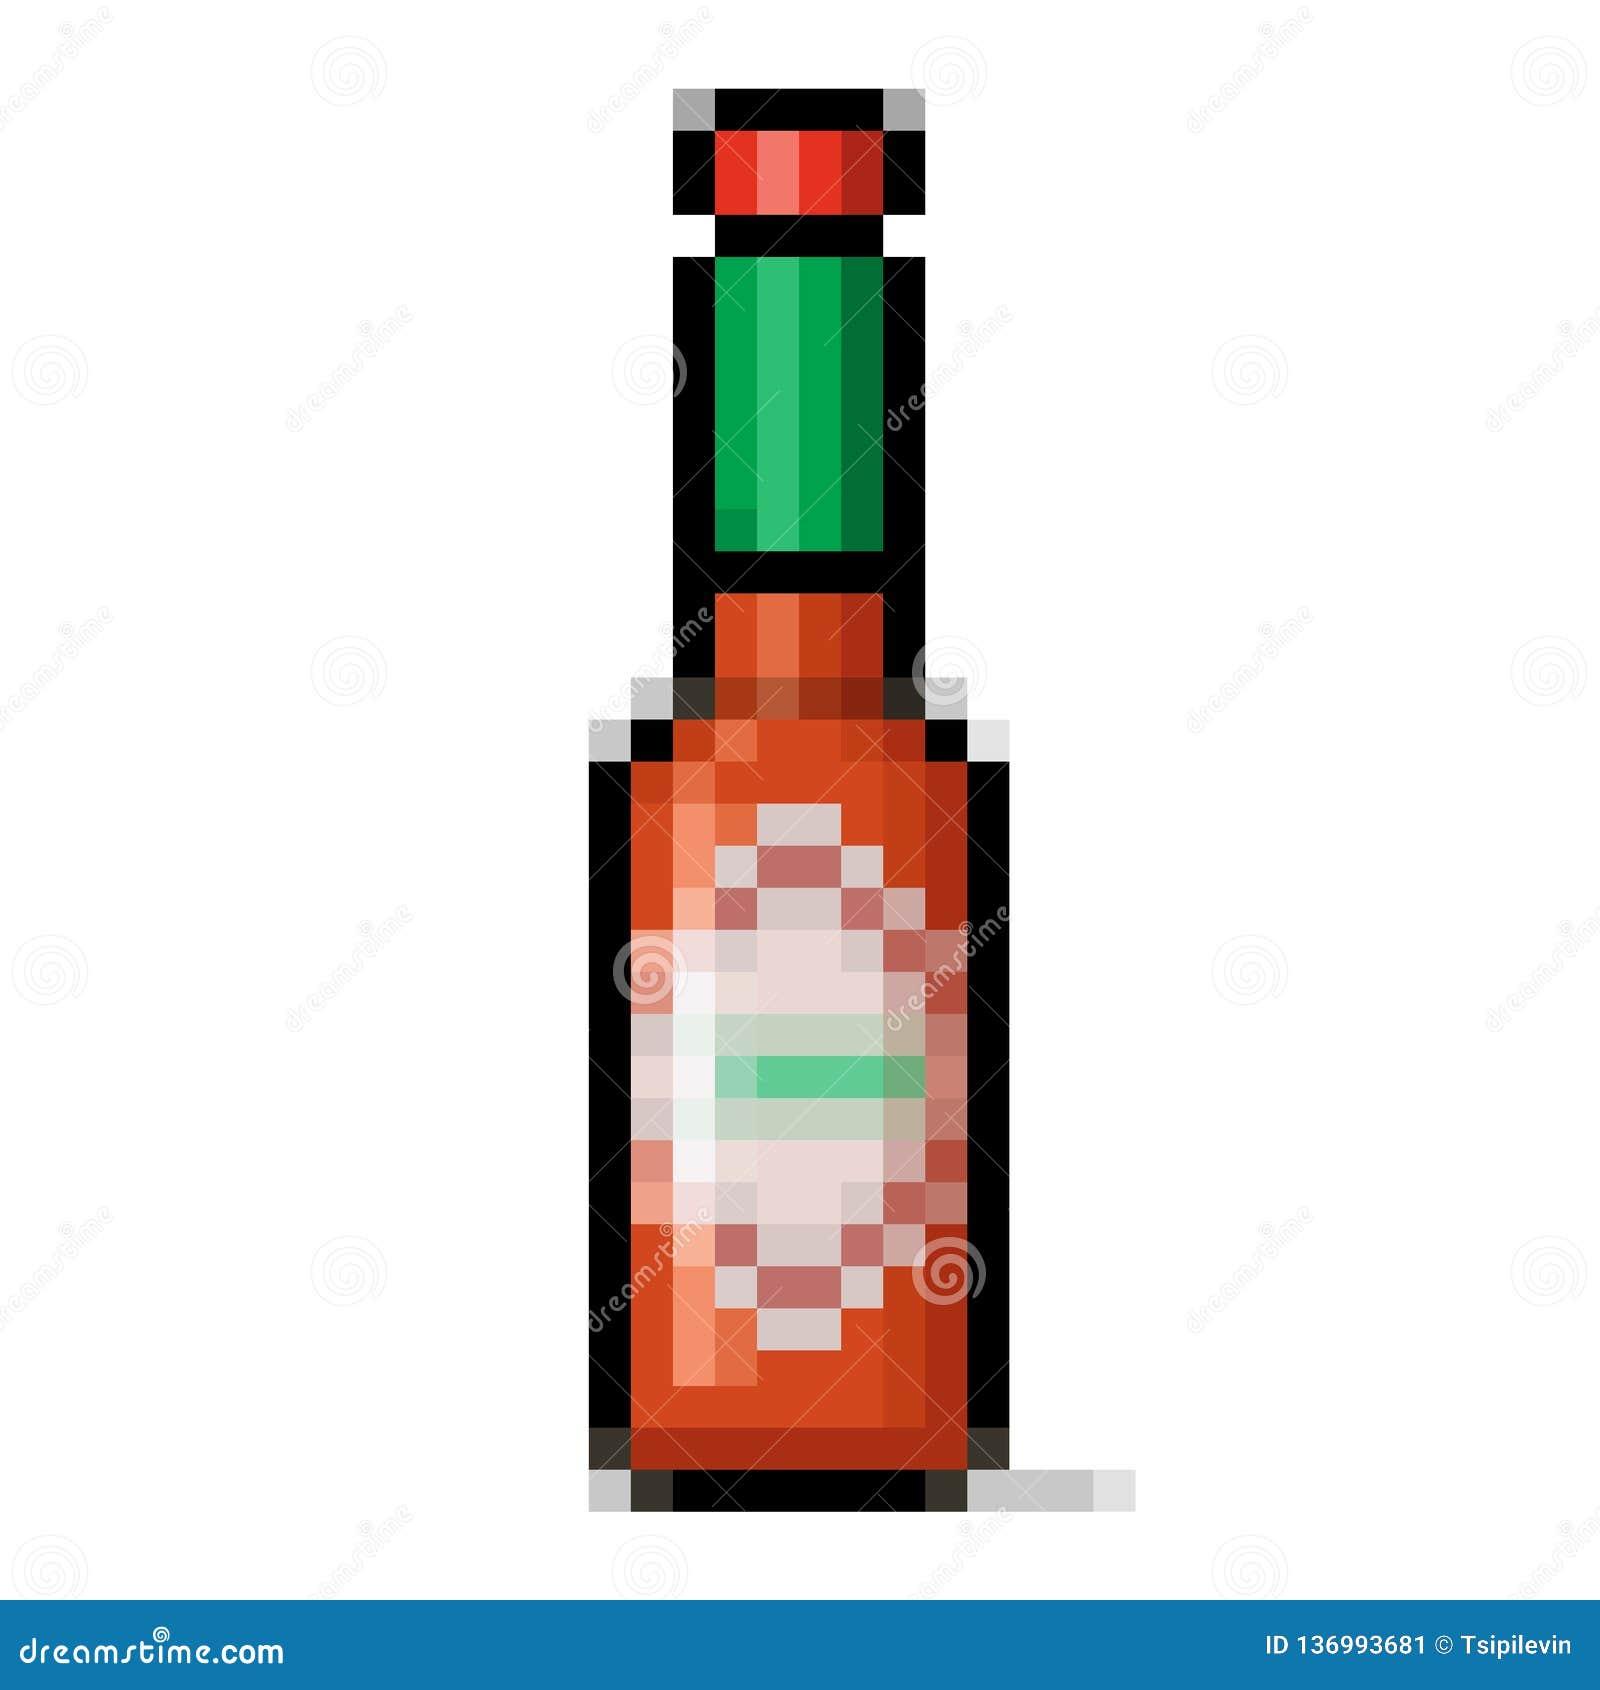 Hot Sauce Bottle Pixel Art Stock Illustration Illustration Of Object 136993681